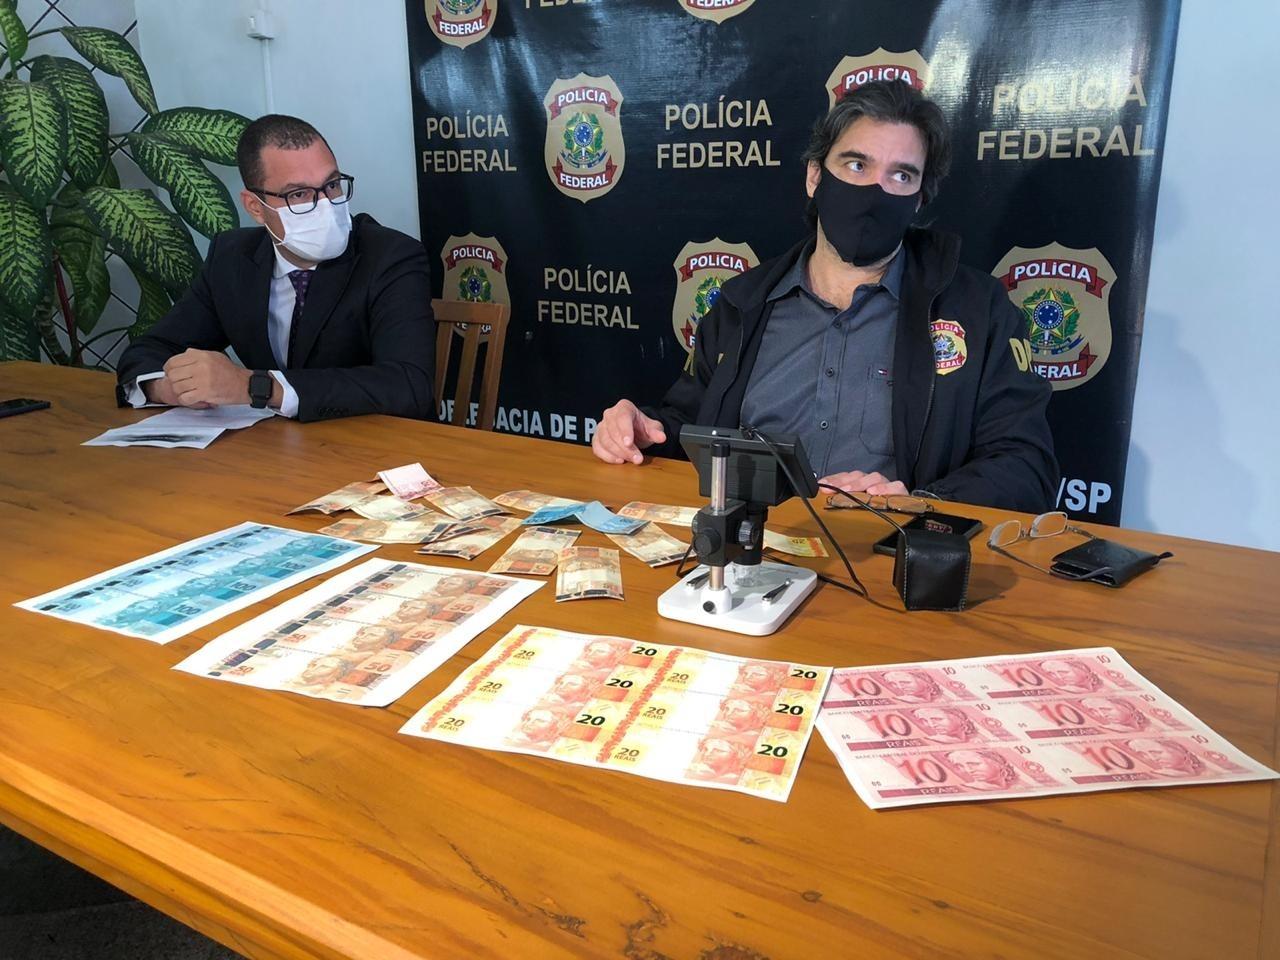 Laboratório de cédulas falsas desmantelado era um dos maiores do país, segundo Polícia Federal